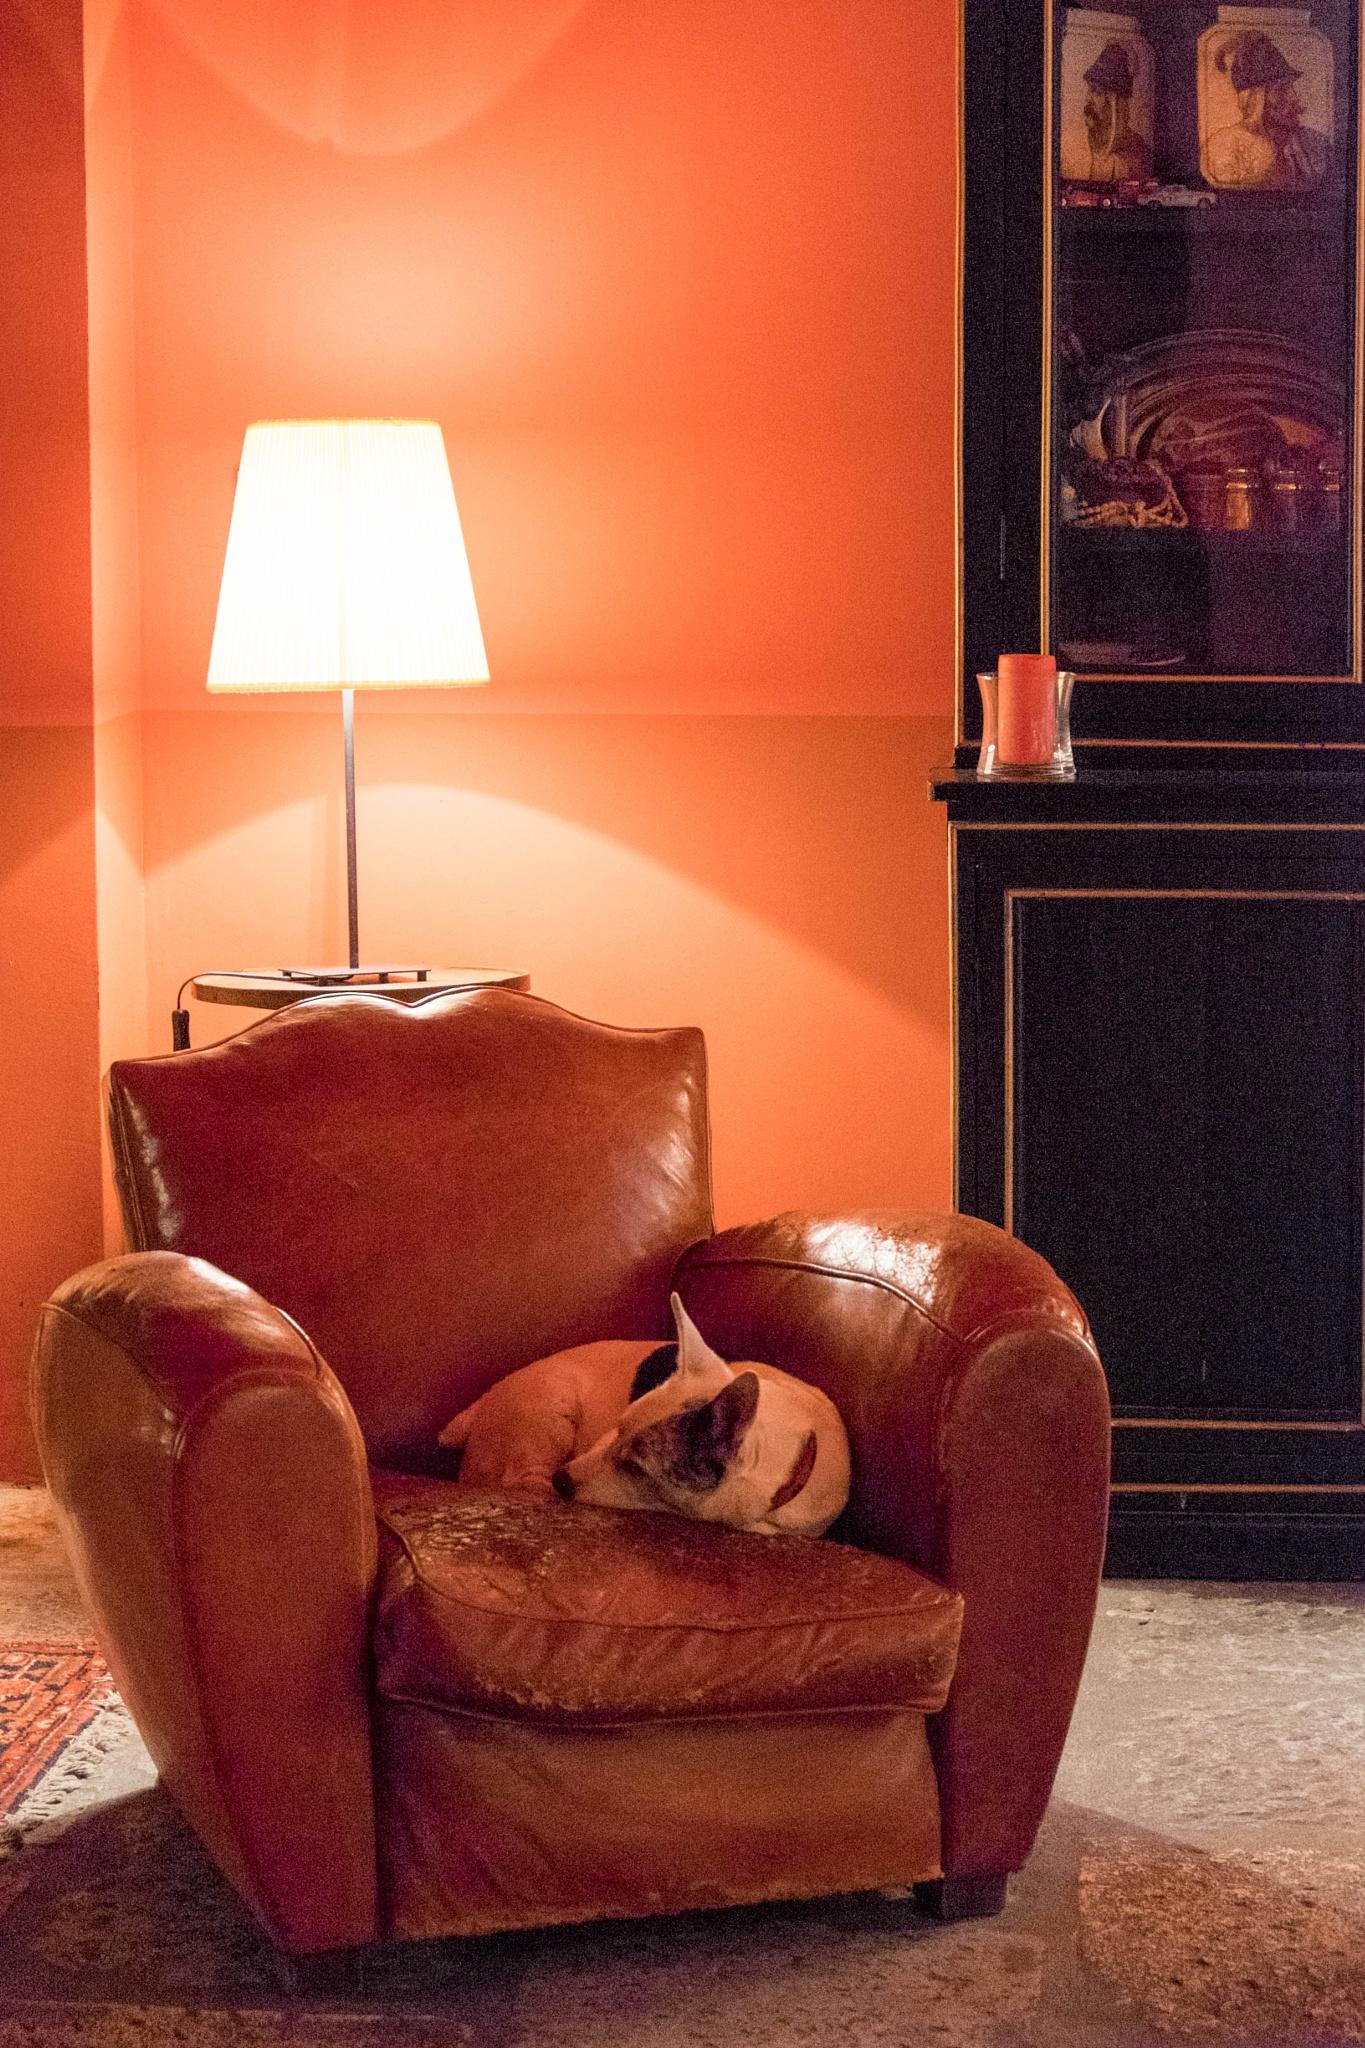 le repos du vieux chien raoul by bcorech